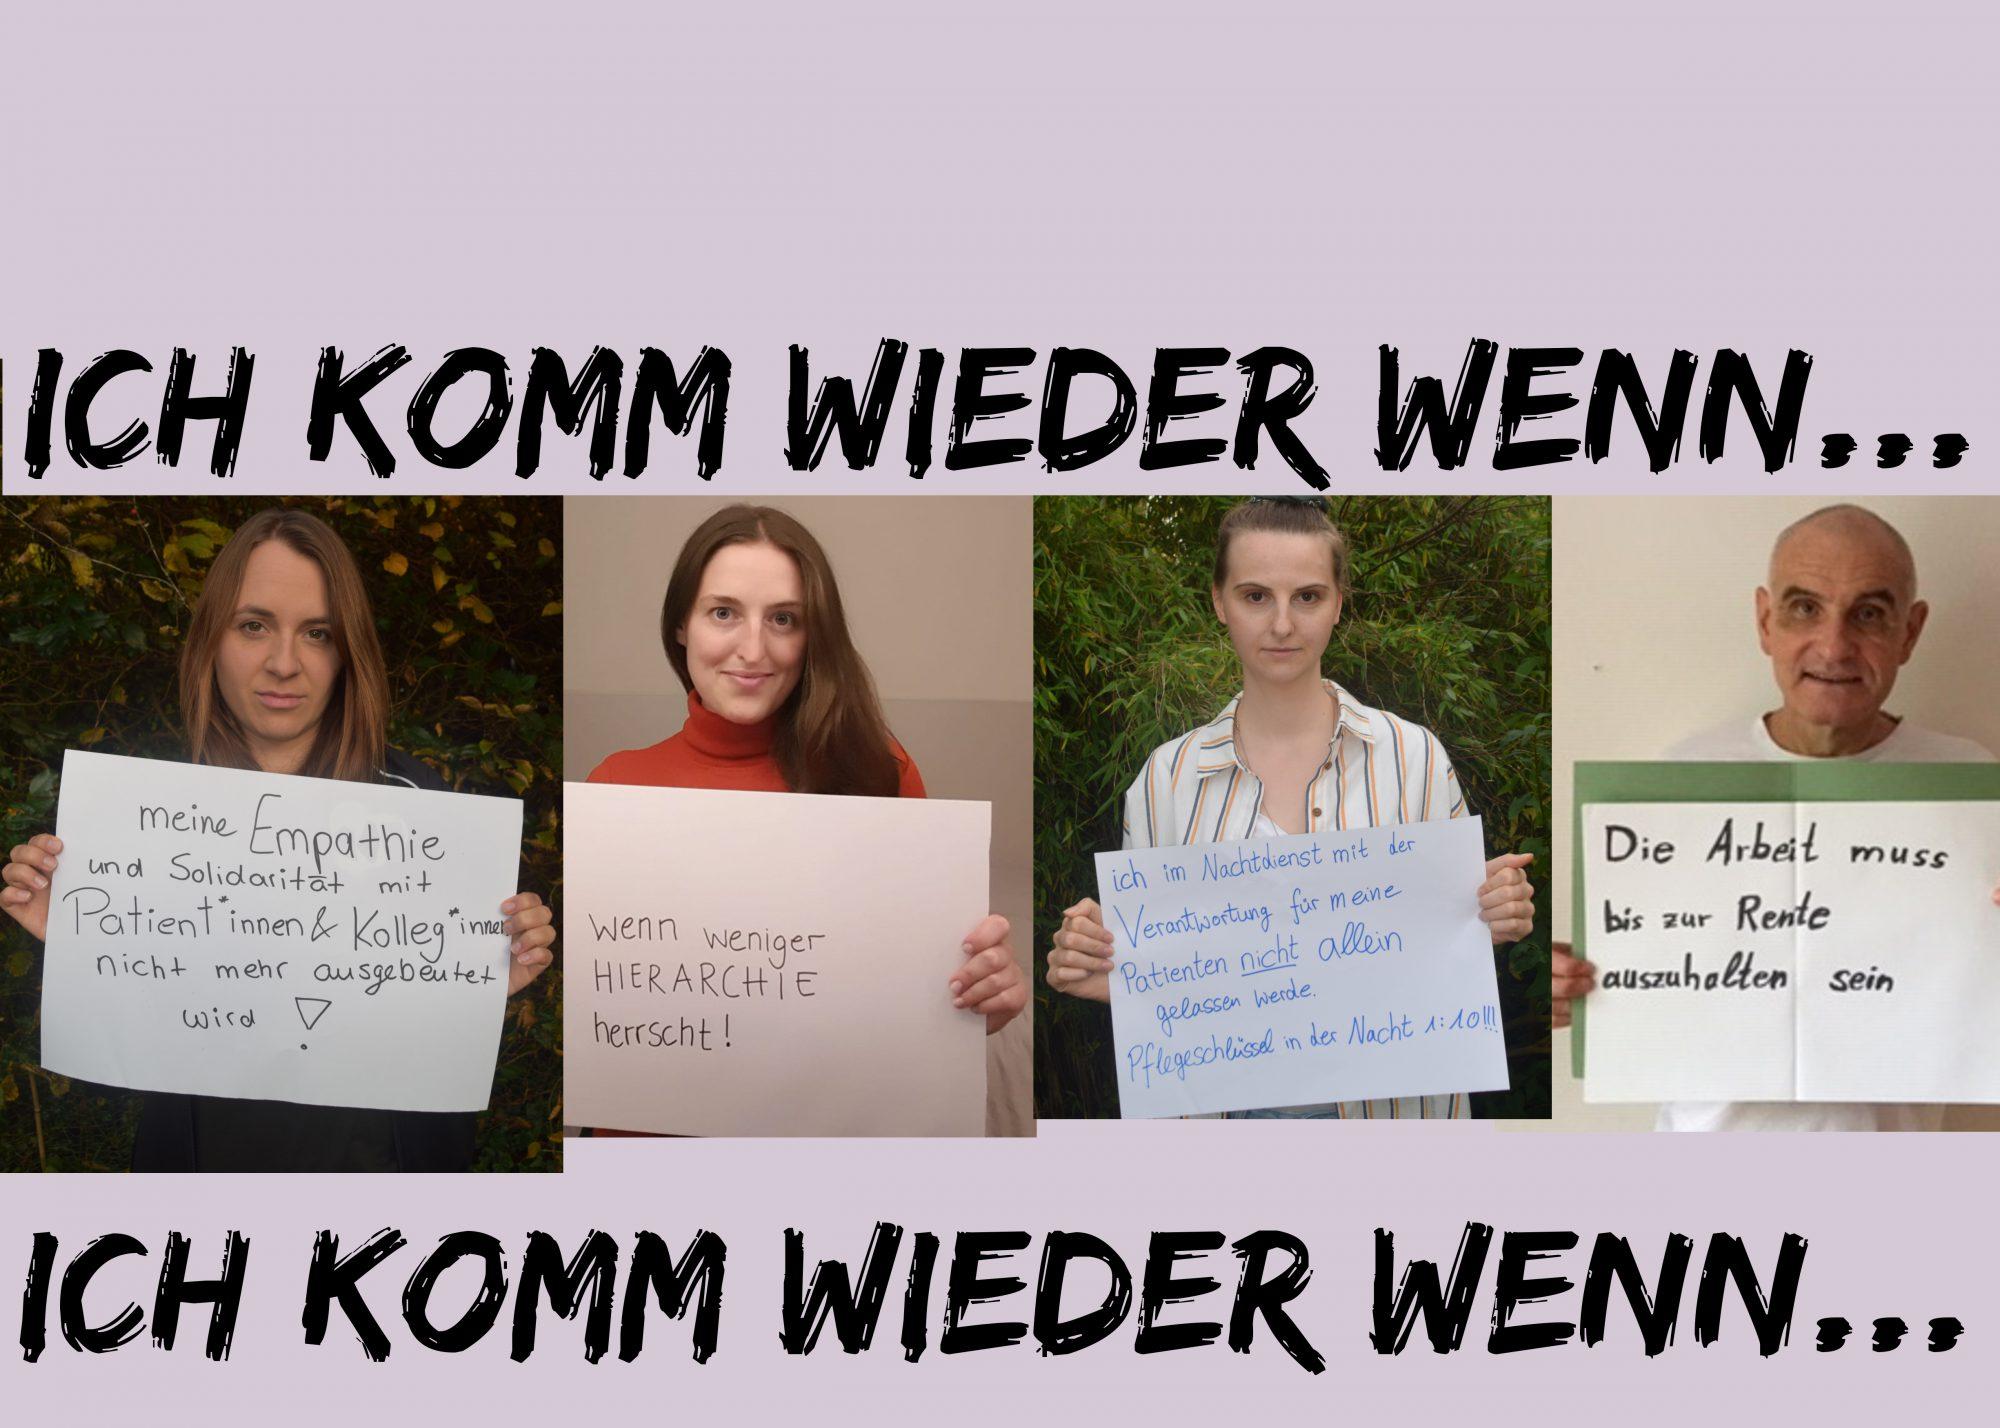 ichkommwiederwenn.de